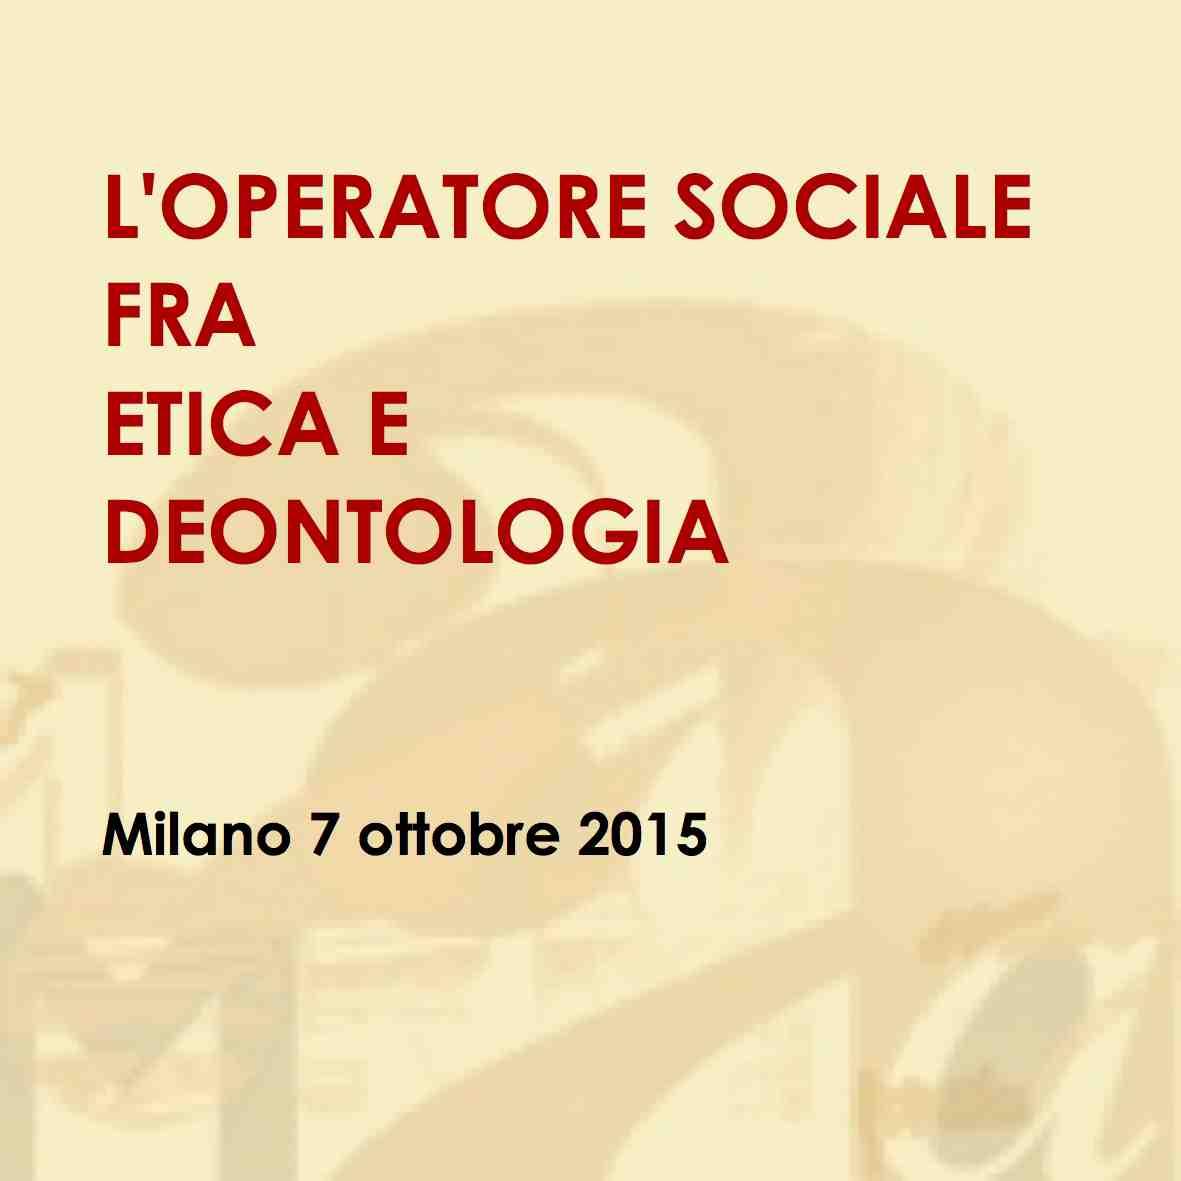 """Corso di formazione per assistenti sociali: """"L'OPERATORE SOCIALE FRA ETICA E DEONTOLOGIA"""" Milano 7 ottobre 2015"""